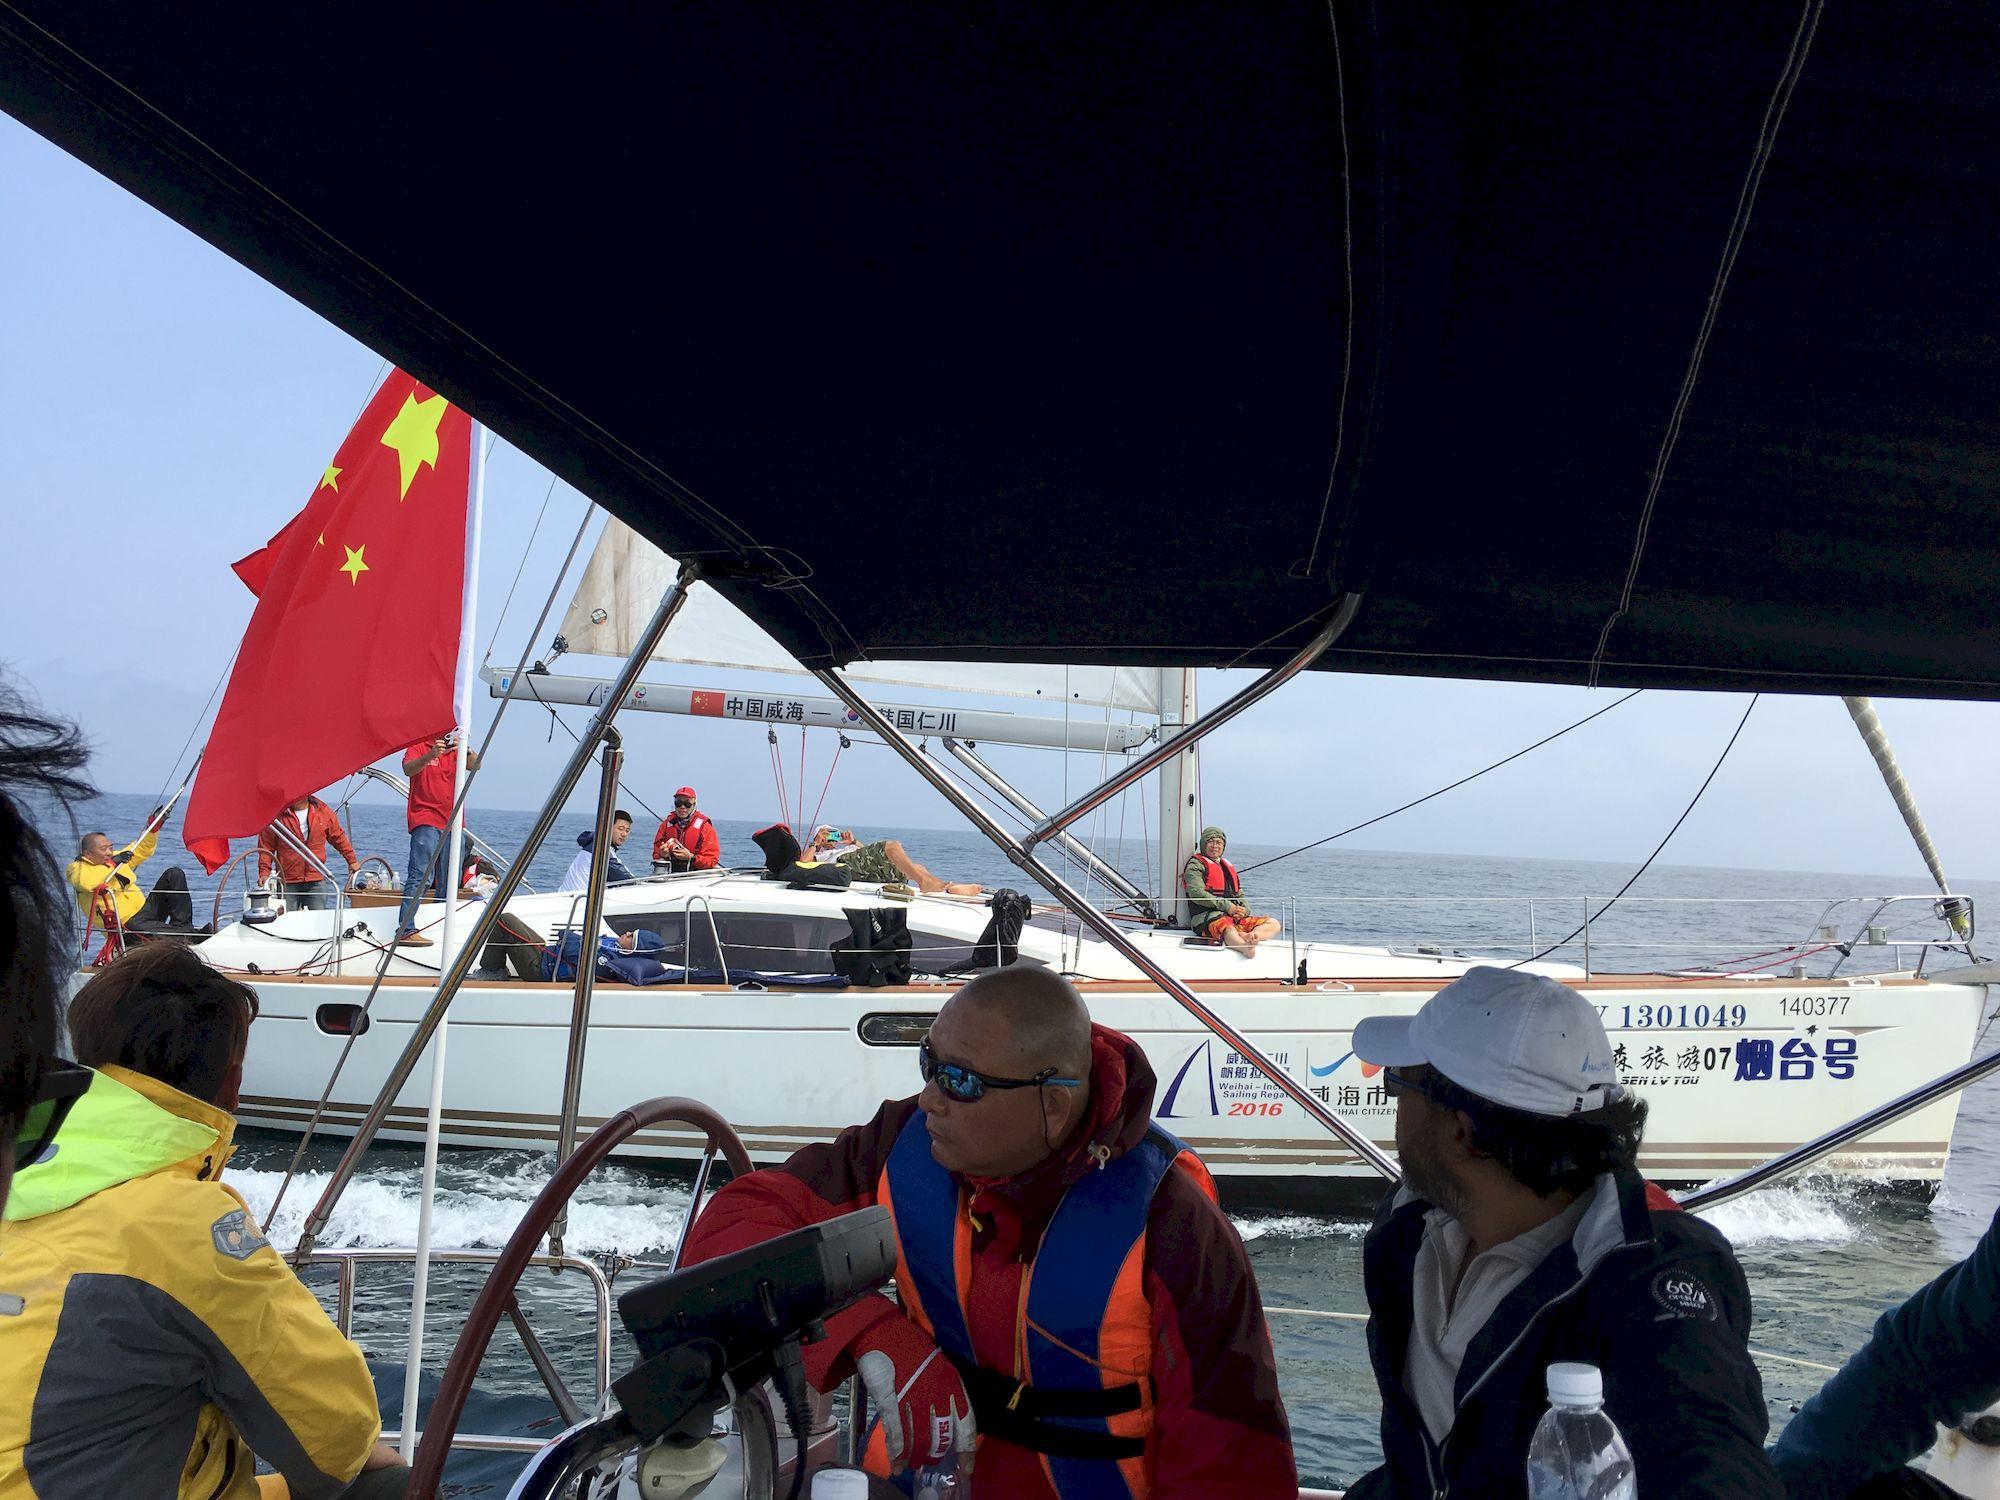 新西兰,跆拳道,俱乐部,拉力赛,青岛 向着太阳升起的地方出发:记第一次跨国远航-千航帆船-51航海网队-2016威海仁川 020-IMG_3023_千帆俱乐部我要航海网帆船队-2016威海-仁川国际帆船赛.JPG